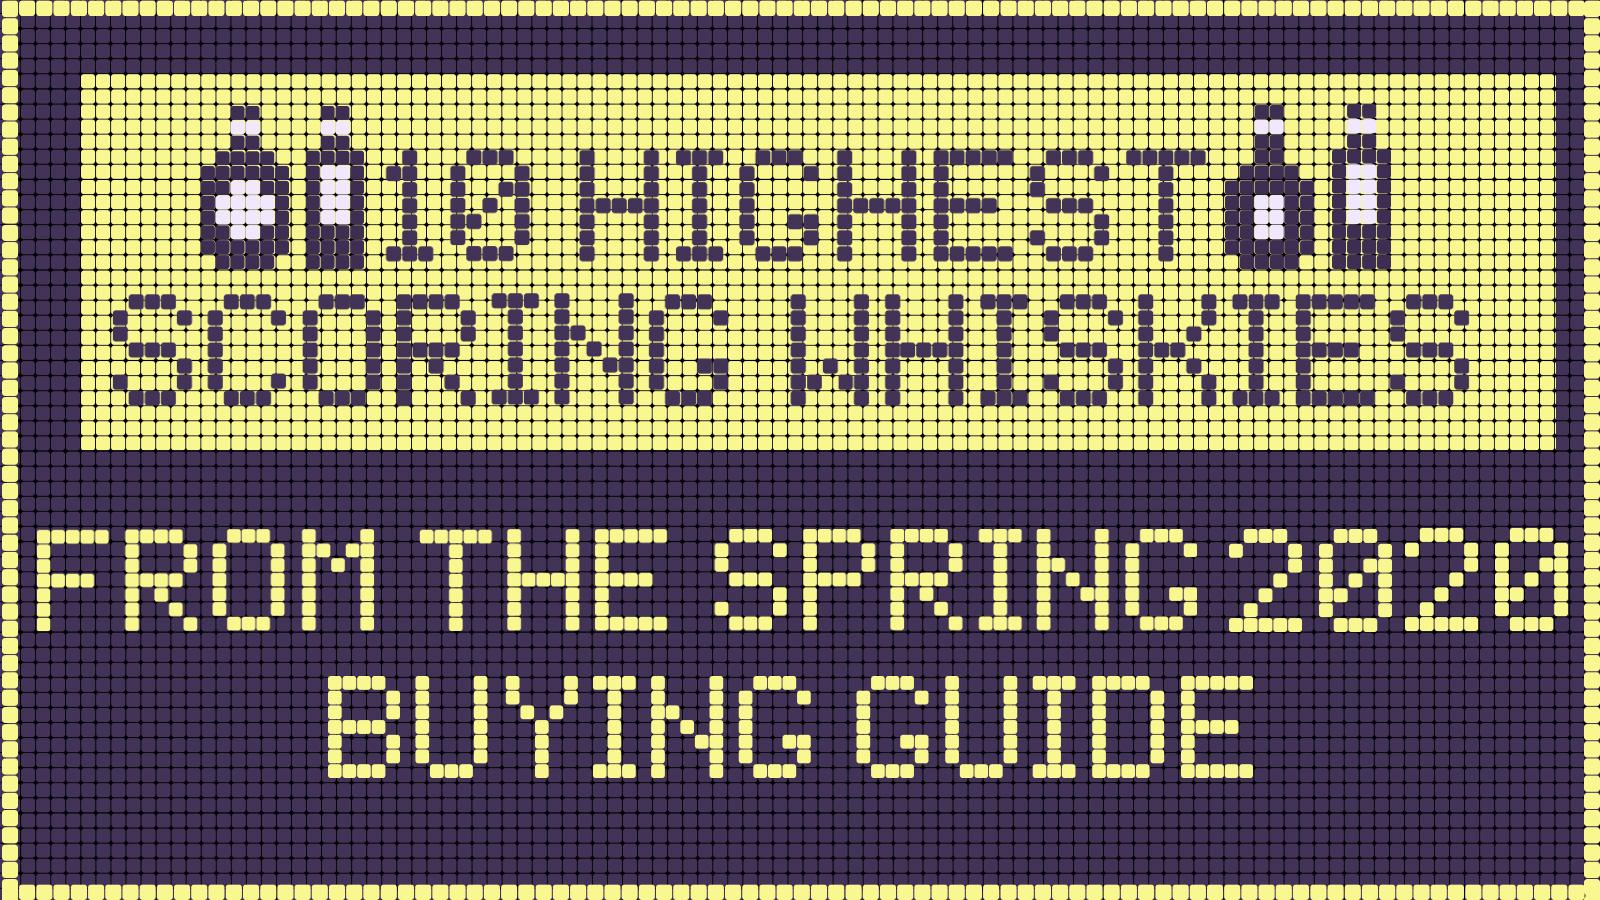 10 hoogst scorende whisky's in het voorjaar van 2020